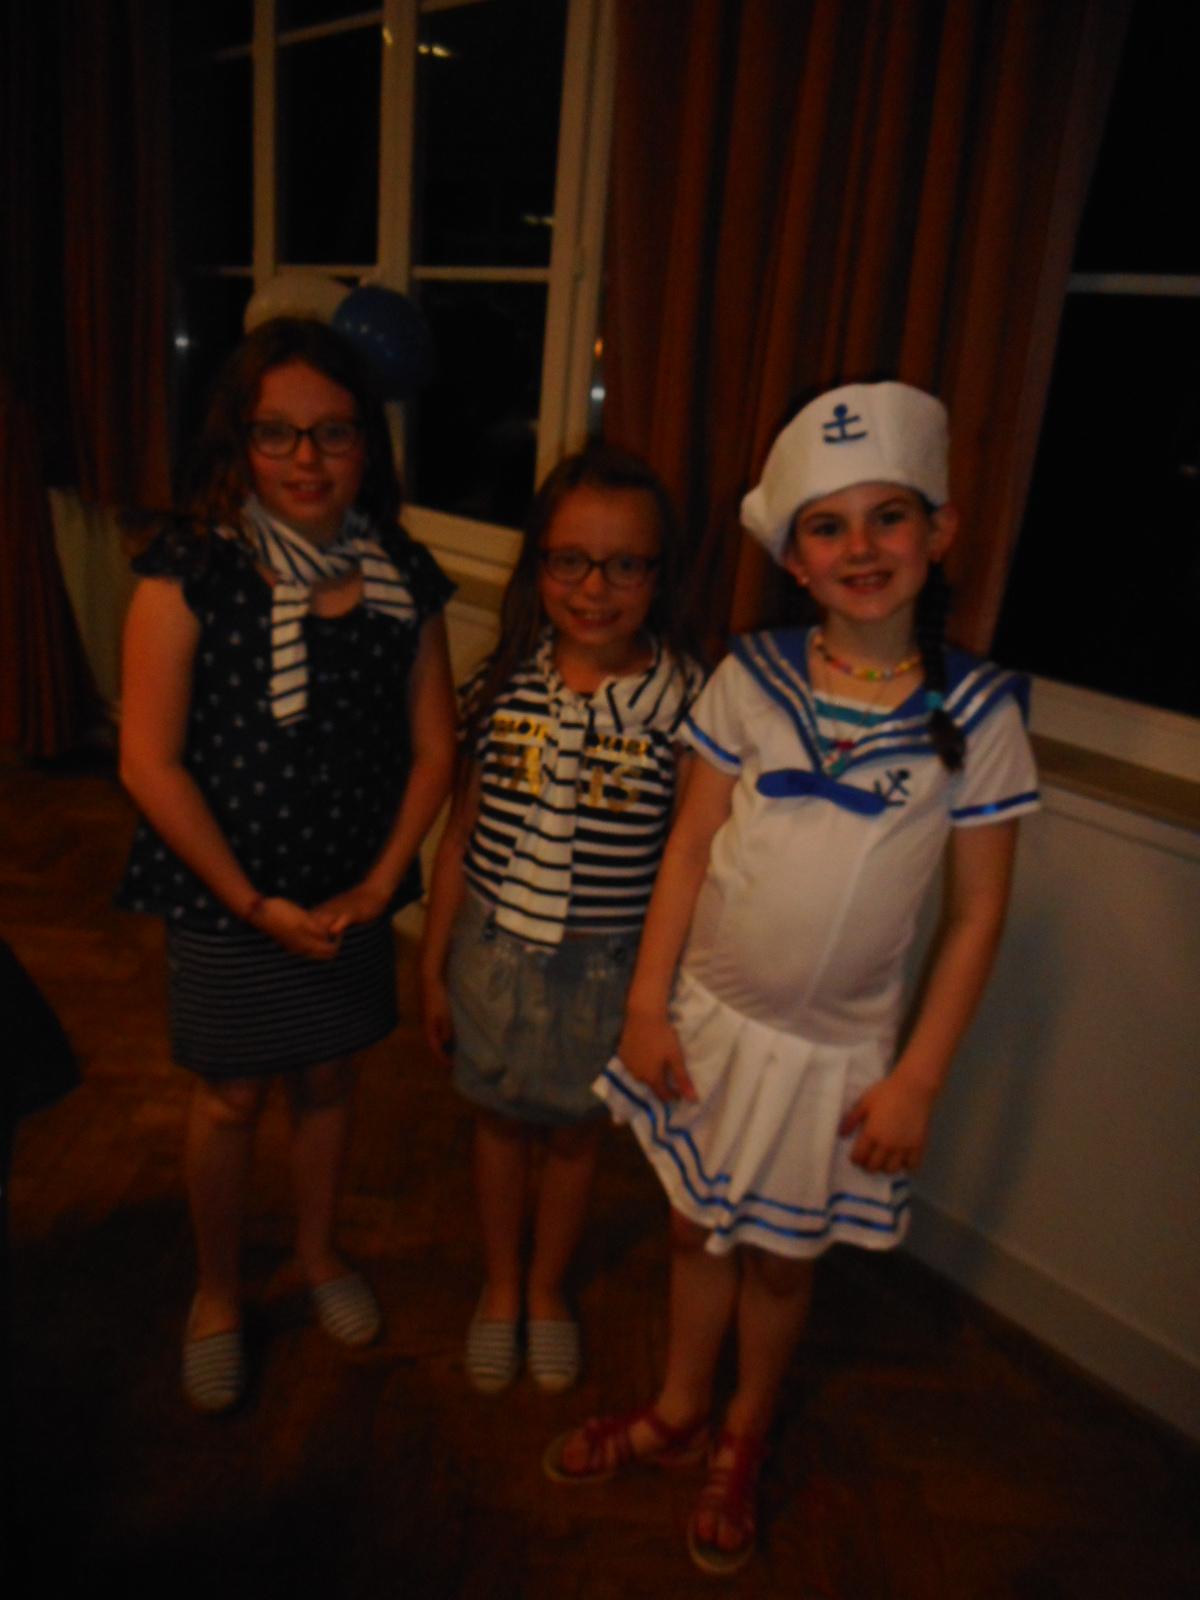 Les 3 gagnantes du concours costumes enfants